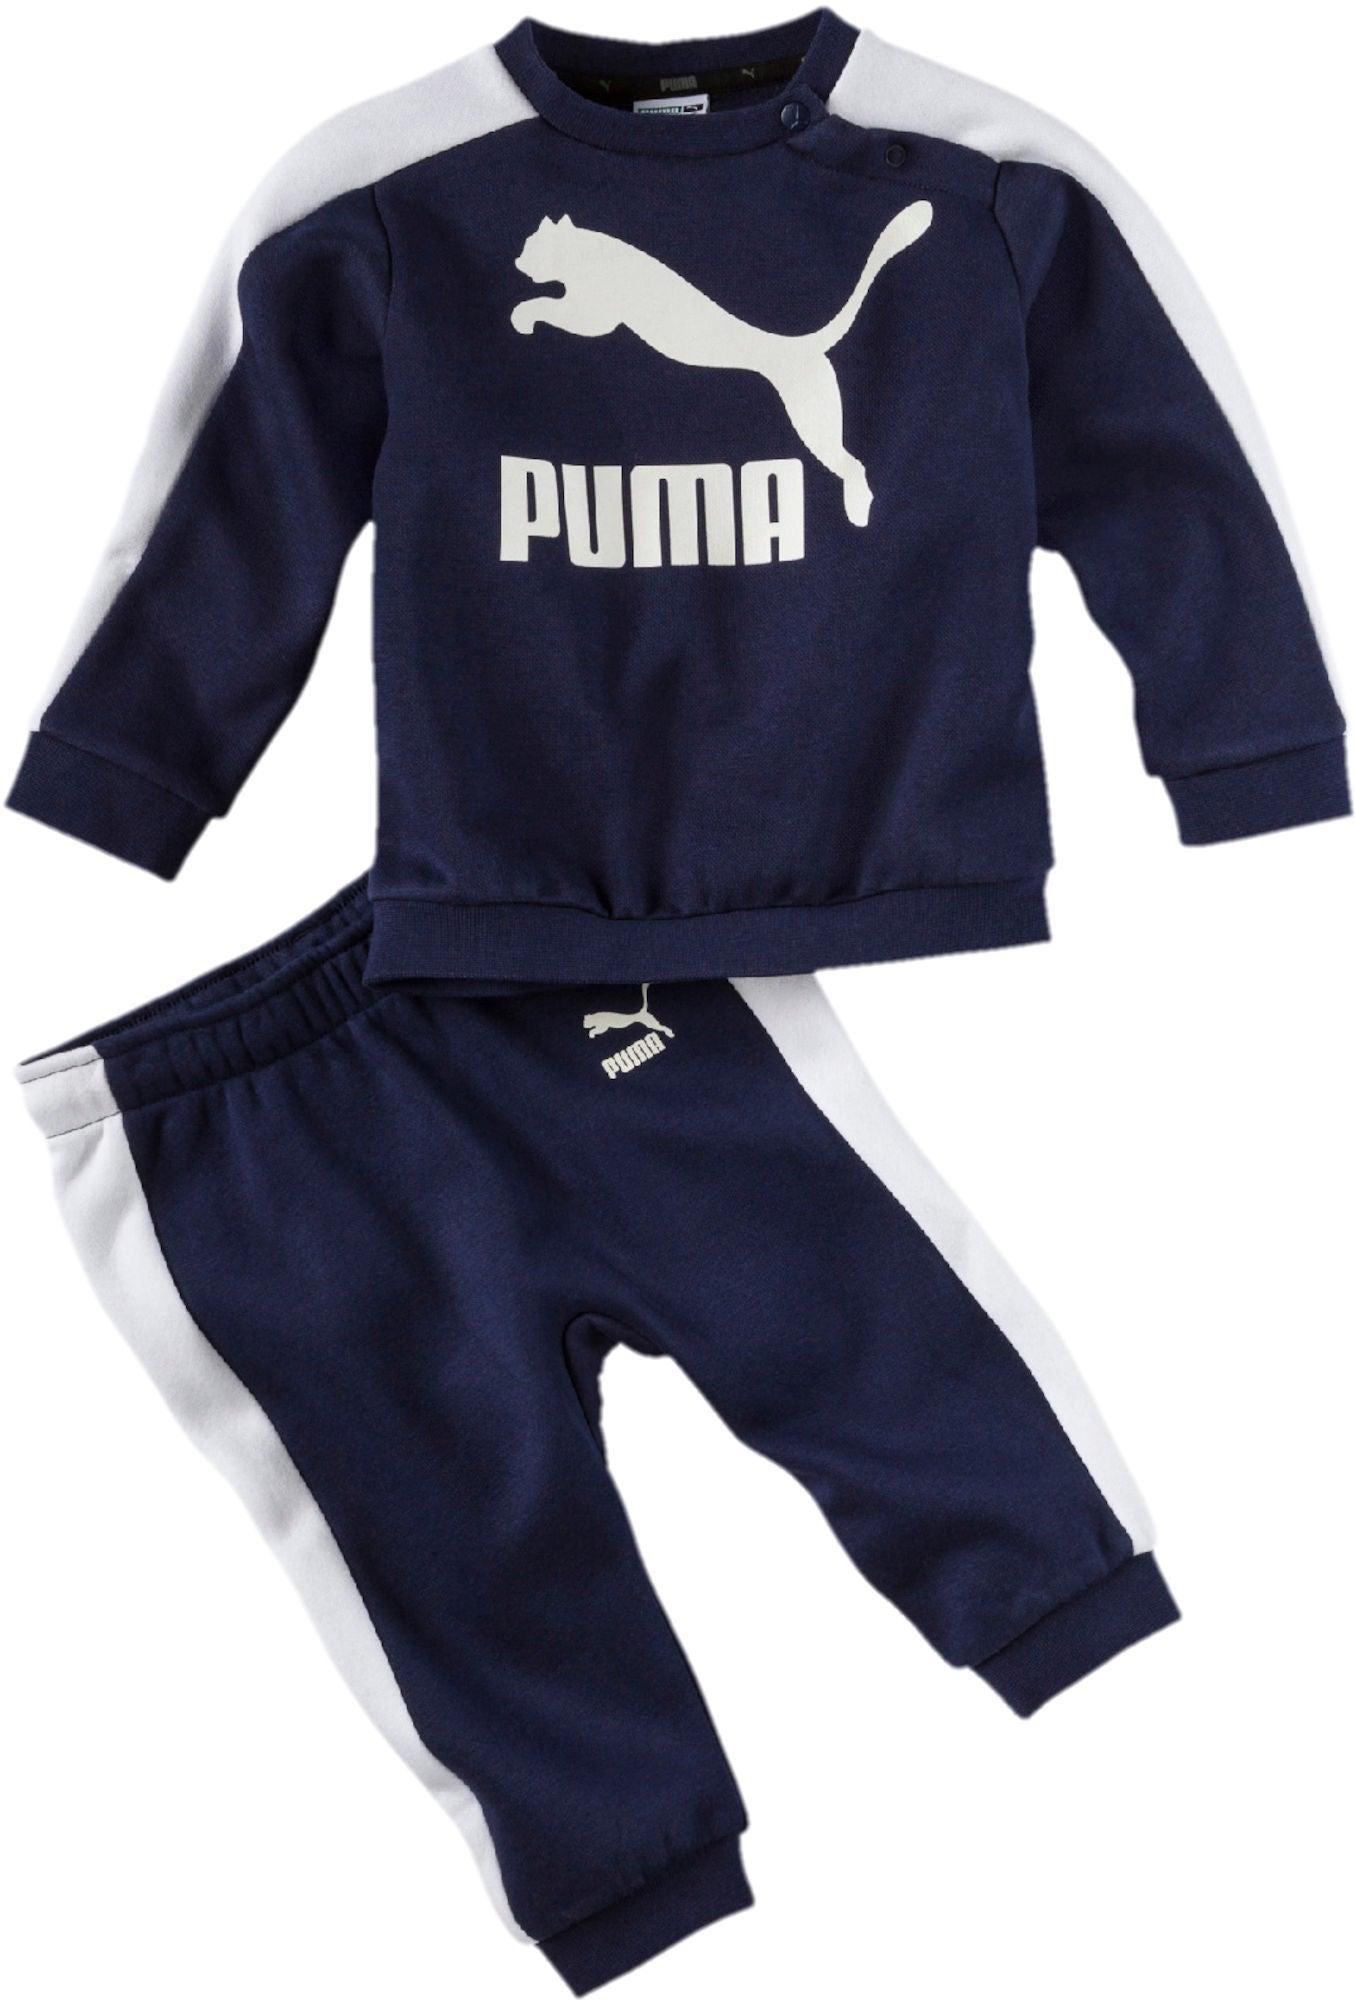 Osta Puma Minime Prime Collegeasu 7620dab508